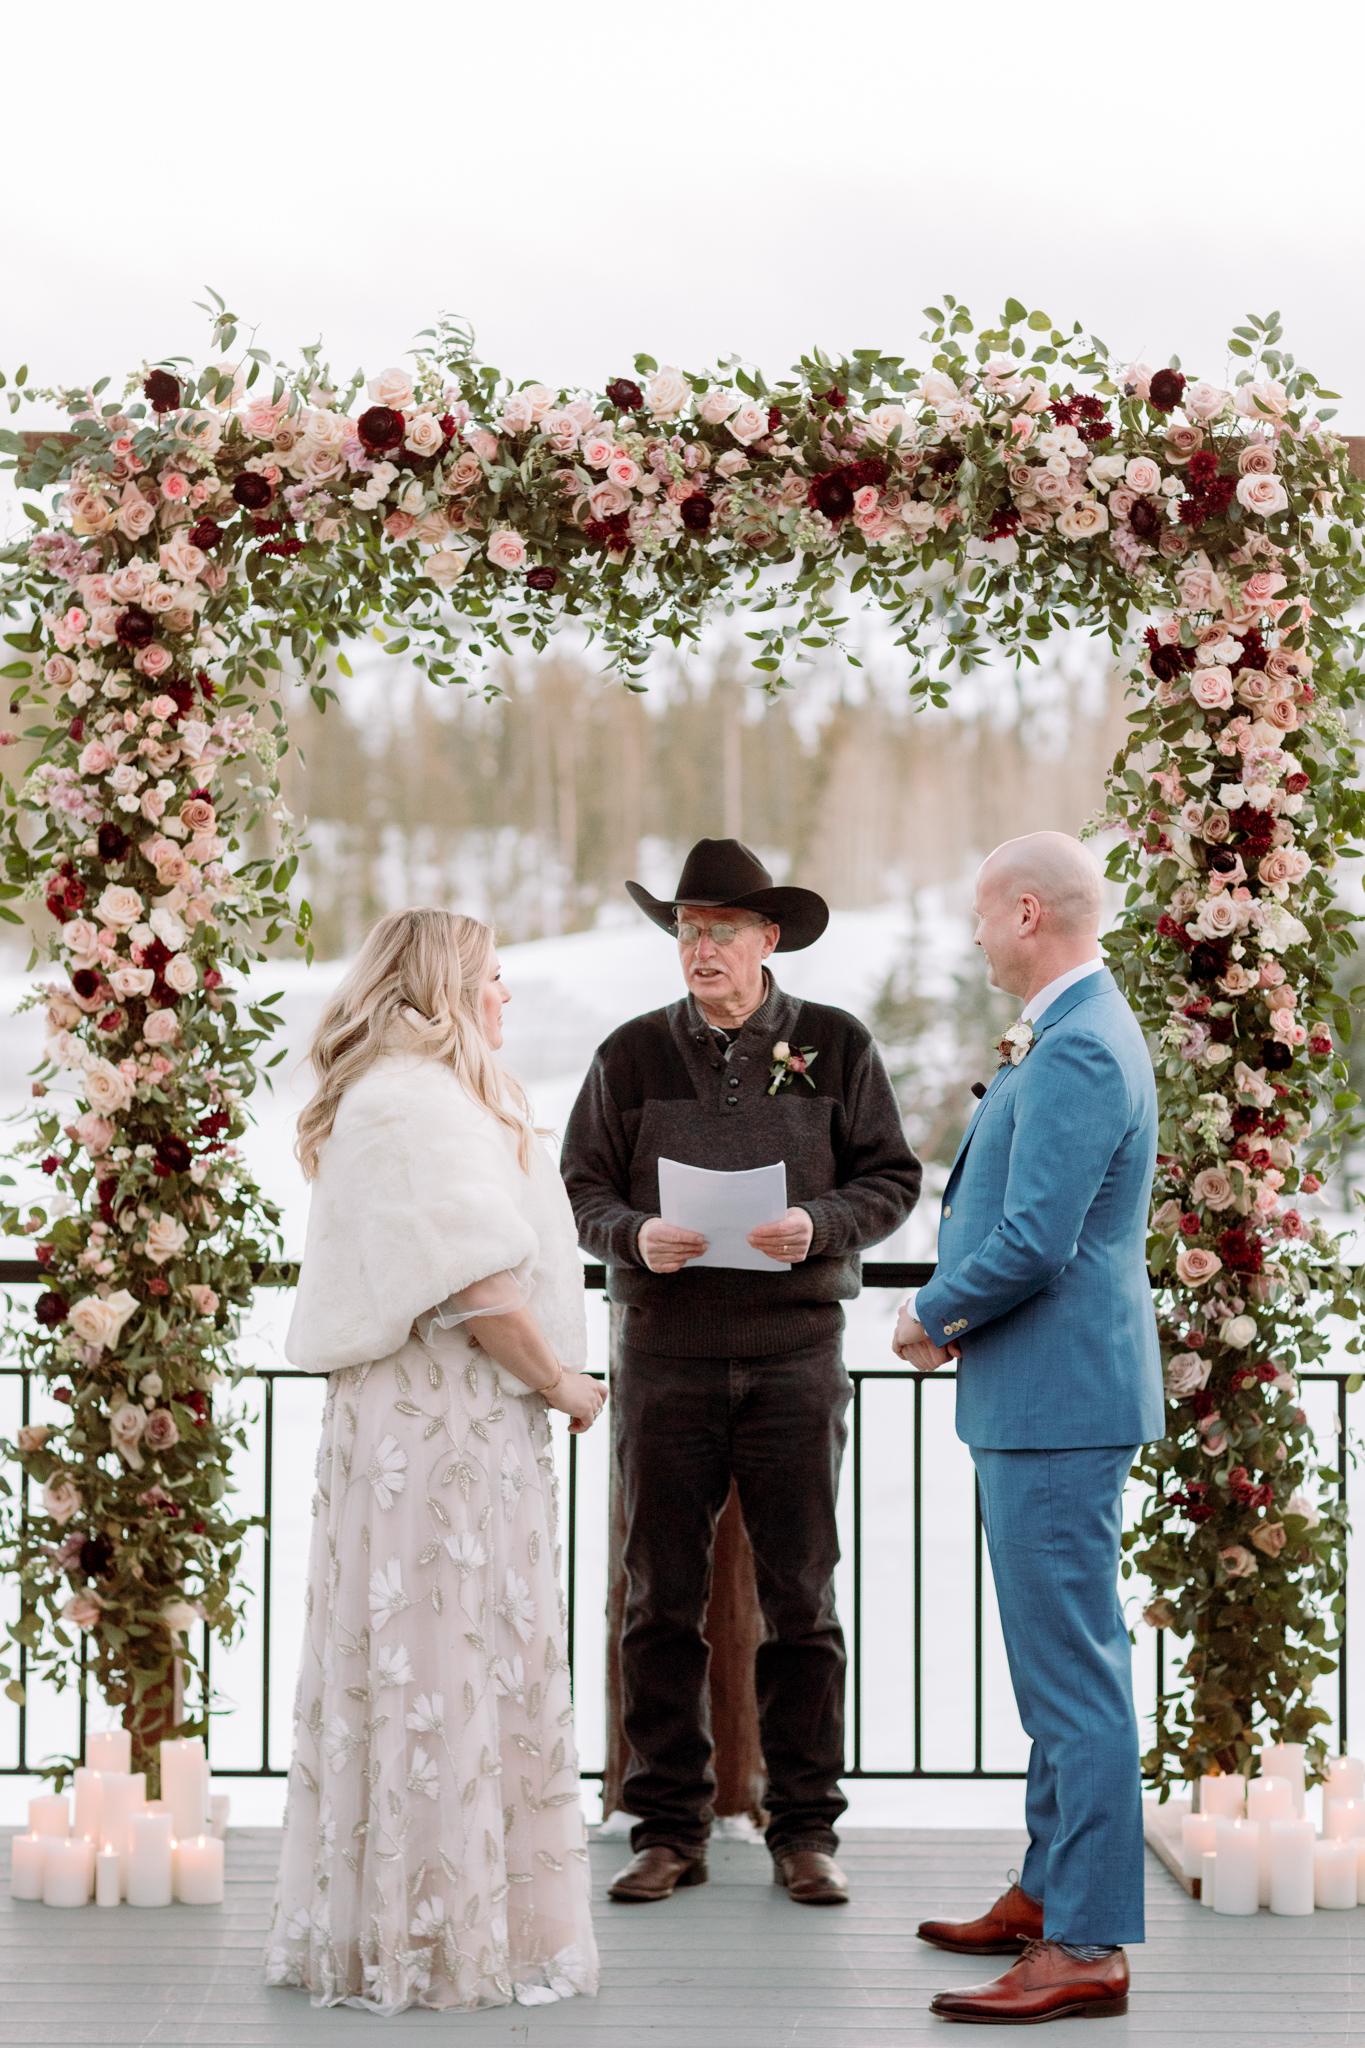 Devils-Thumb-Ranch-Tabernash-Colorado-Winter-Broad-Axe-Barn-Wedding-Deck-Ceremony